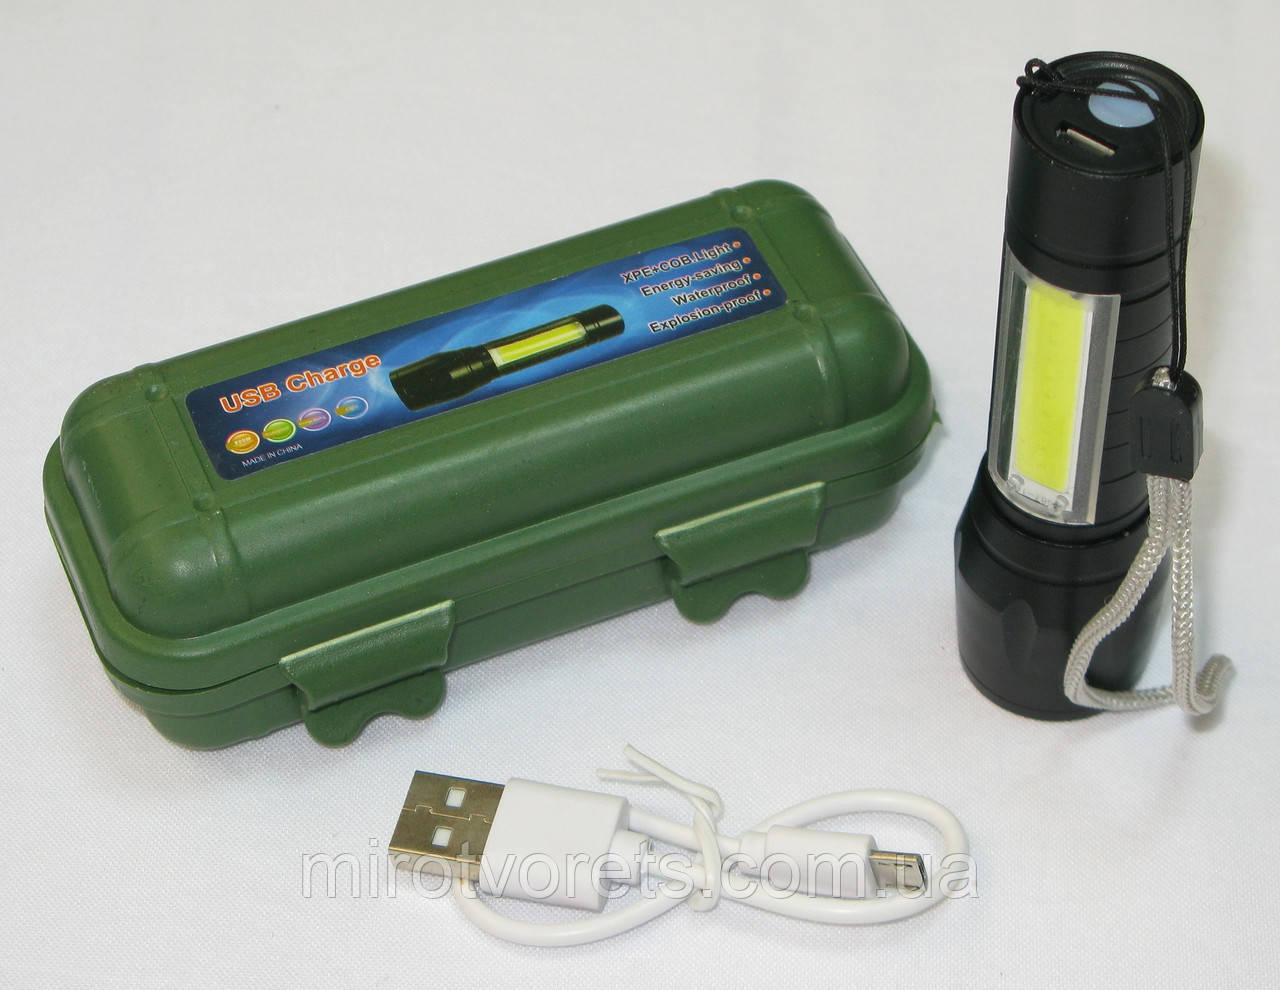 Фонарь аккумуляторный USB Charge, ZOOM